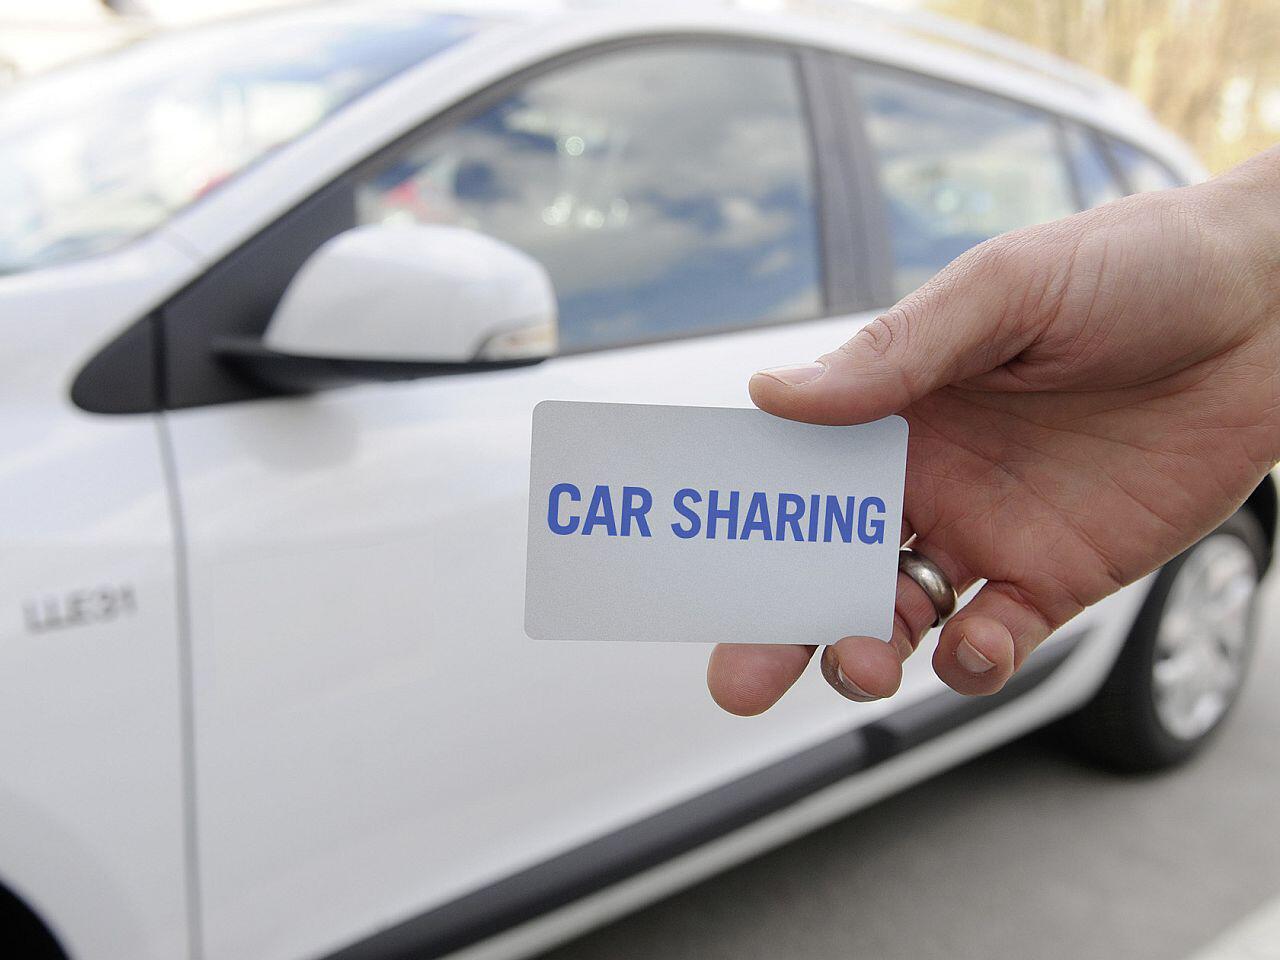 Bild zu Carsharing - eine kostengünstige Alternative zum eigenen Wagen